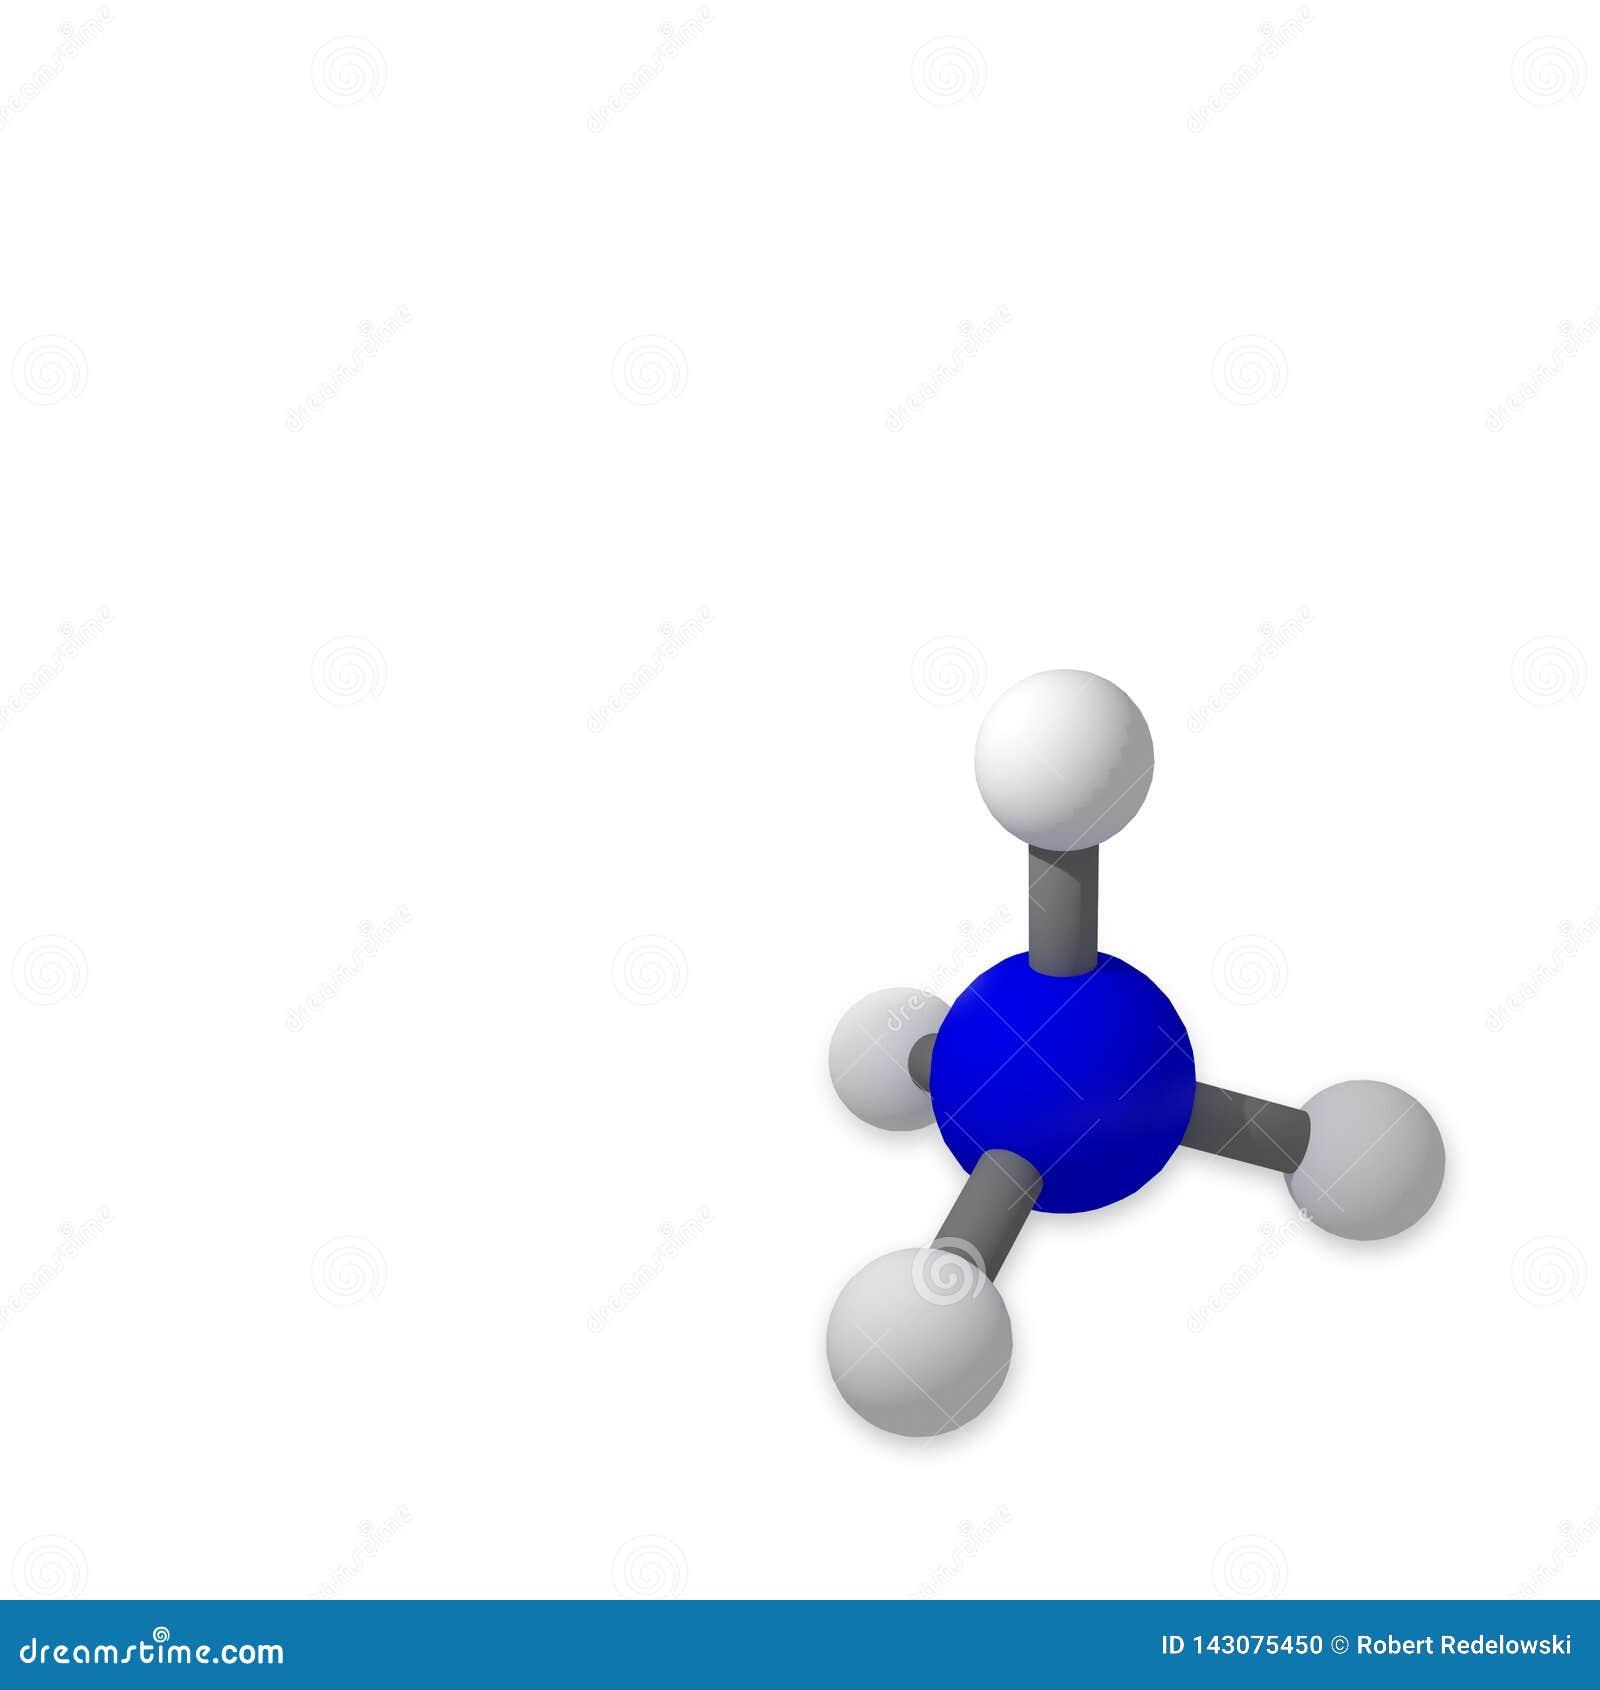 Moleculemodel op een witte achtergrond